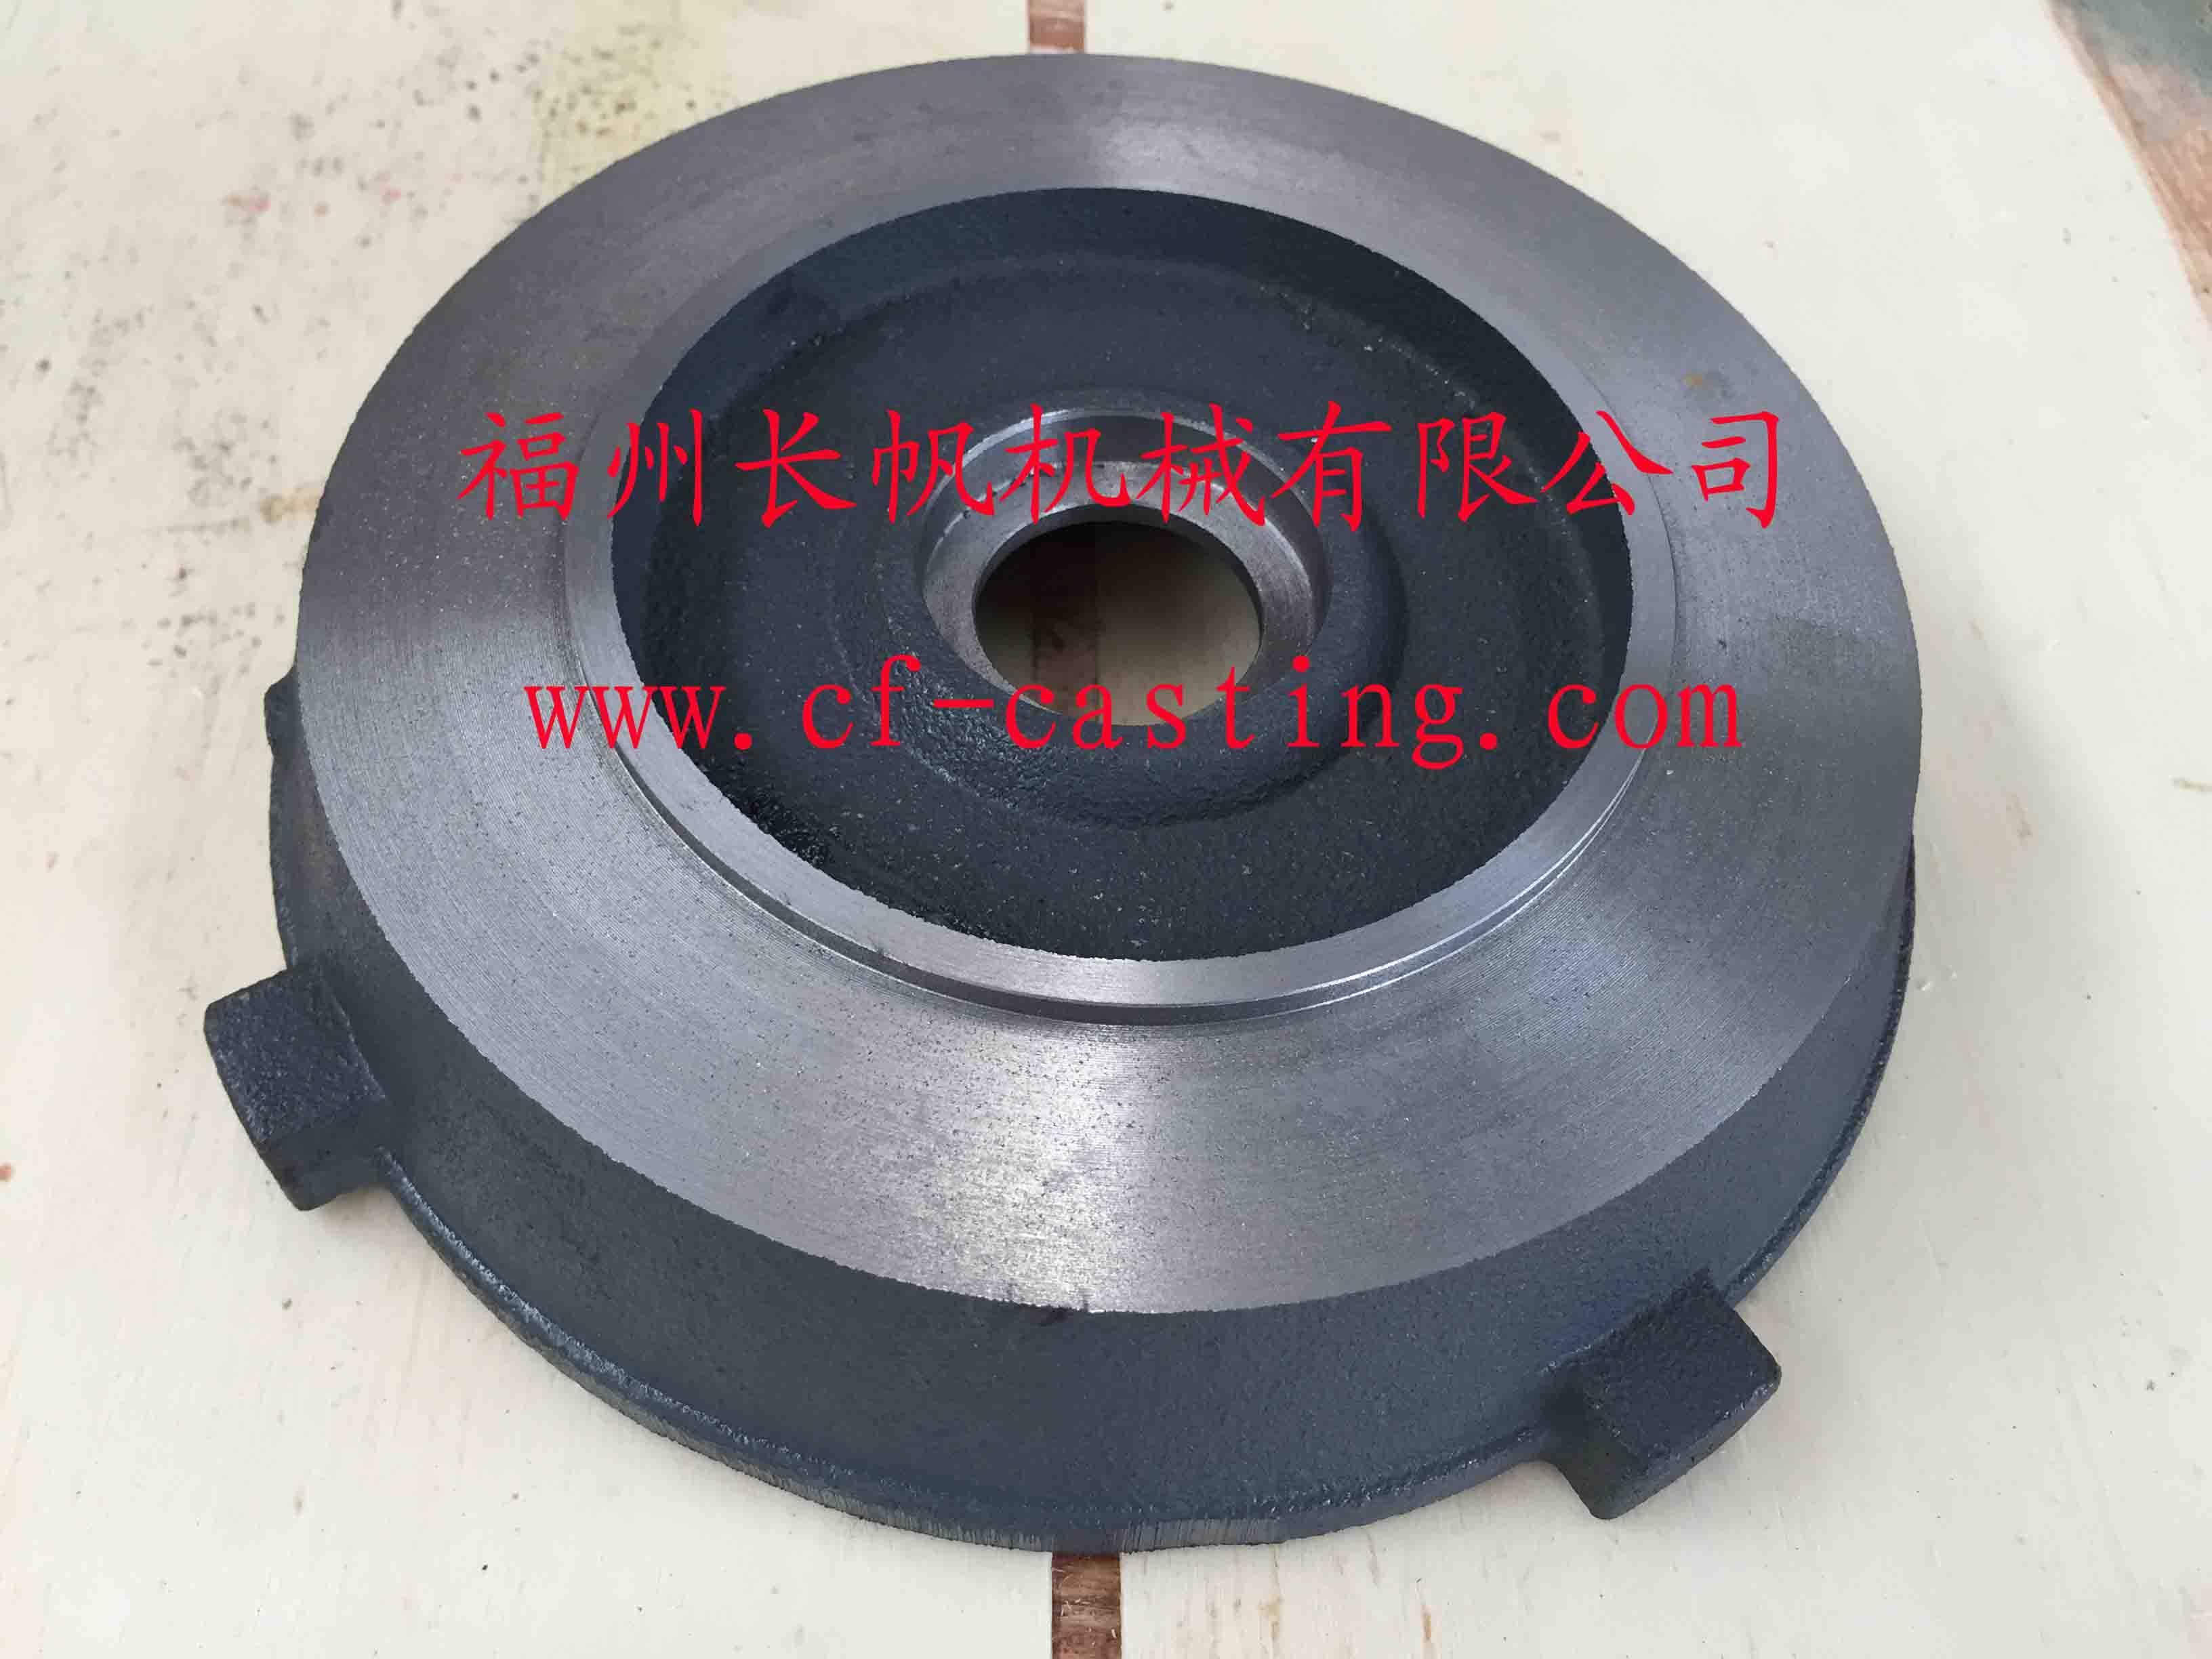 WEA100工业电机后盖  CF 长帆 CF灰铁铸造 CF灰铁铸件 CF水泵铸造铸件